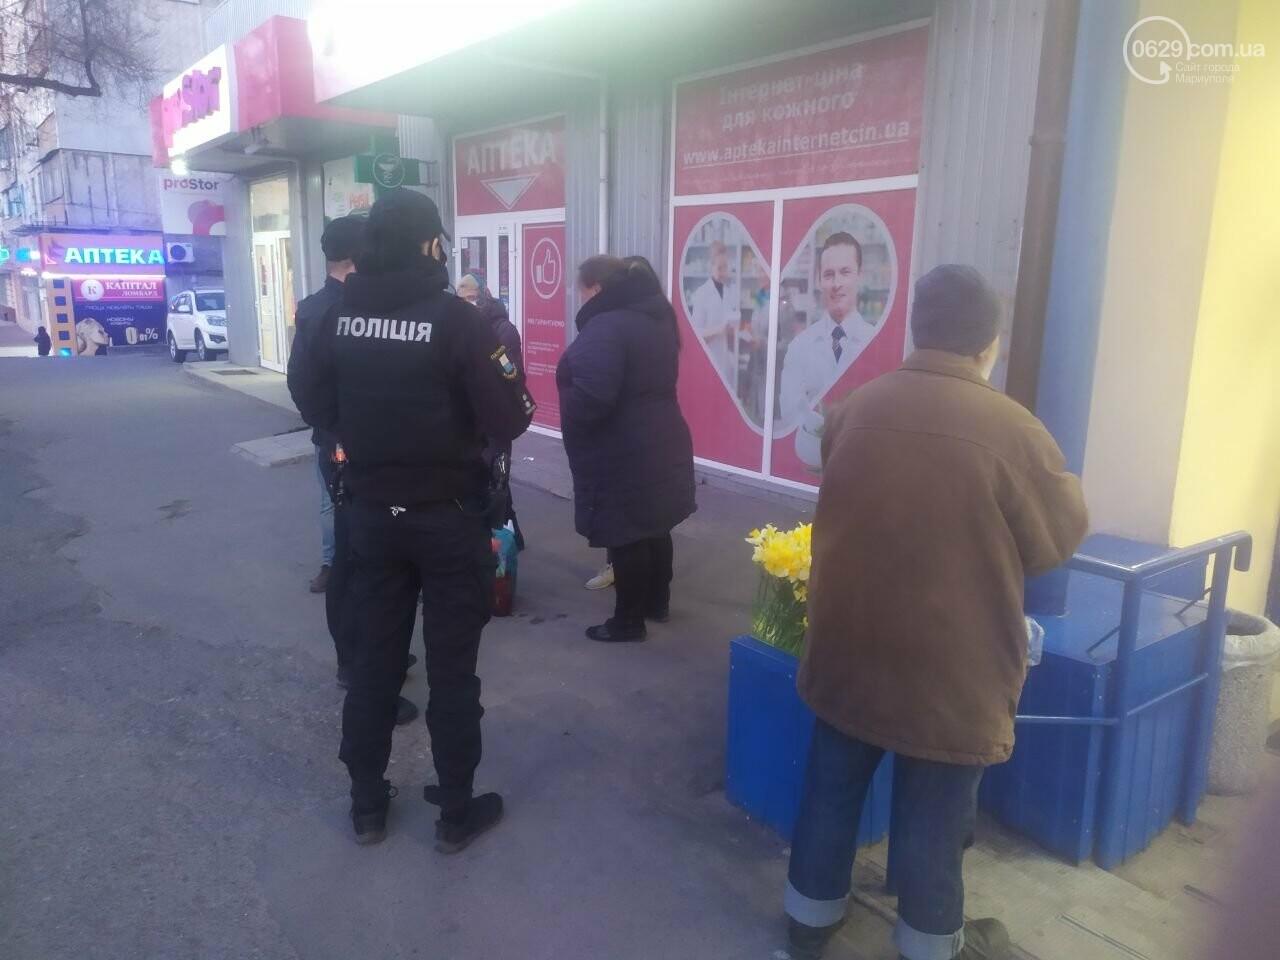 Уличная торговля во время карантина. В Мариуполе продавцы цветов устроили скандал с полицейскими, - ВИДЕО, фото-2